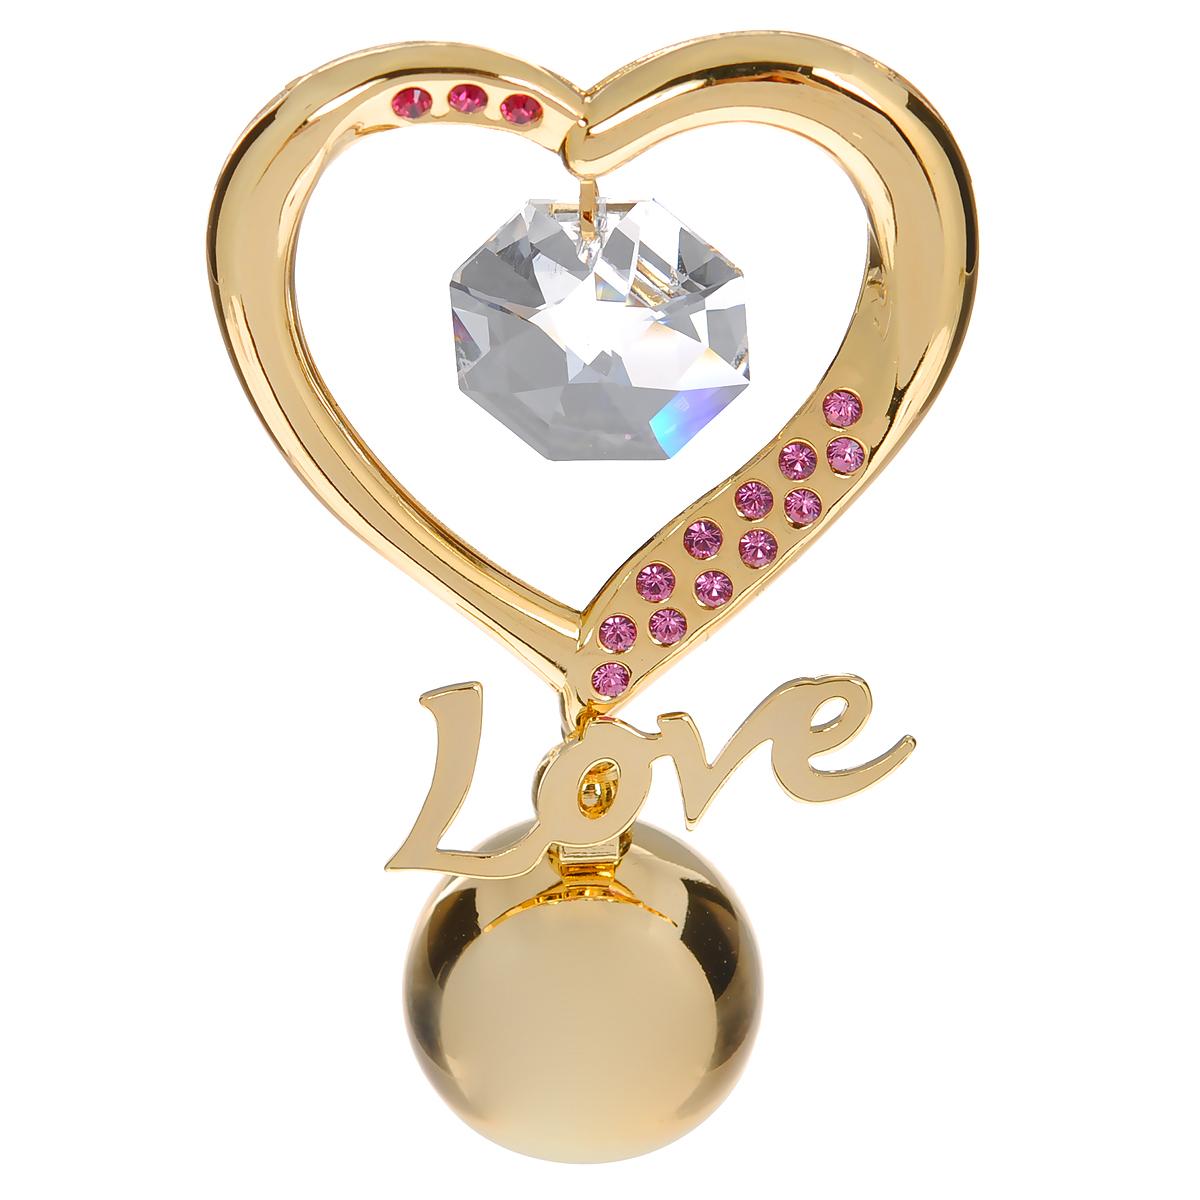 купить Фигурка декоративная Сердце, цвет: золотистый, розовый. 67191 дешево